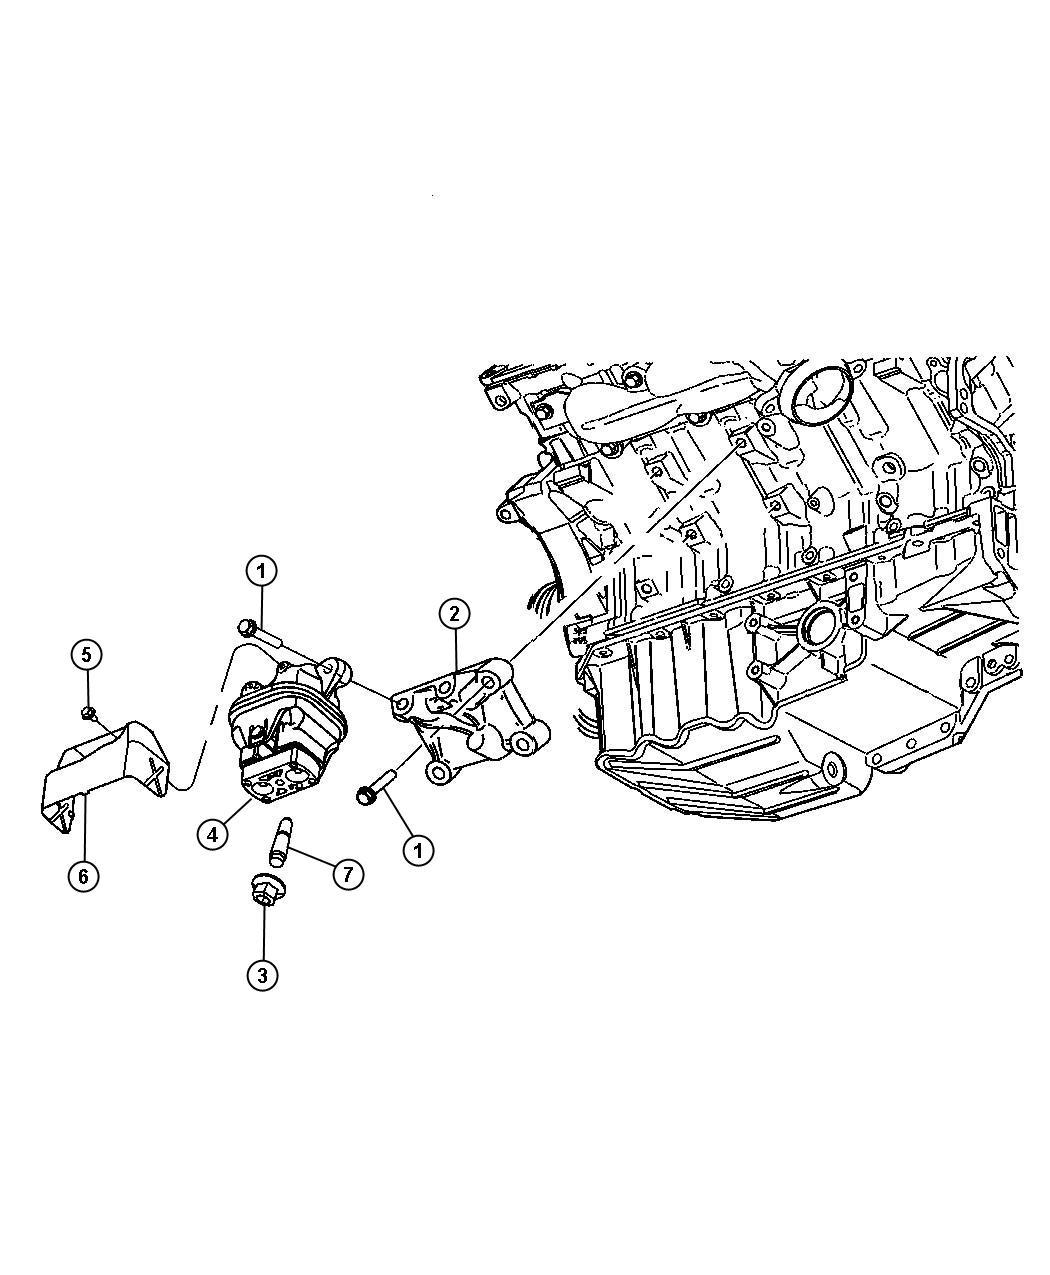 Dodge Charger Cushion. Engine support. Left, left side